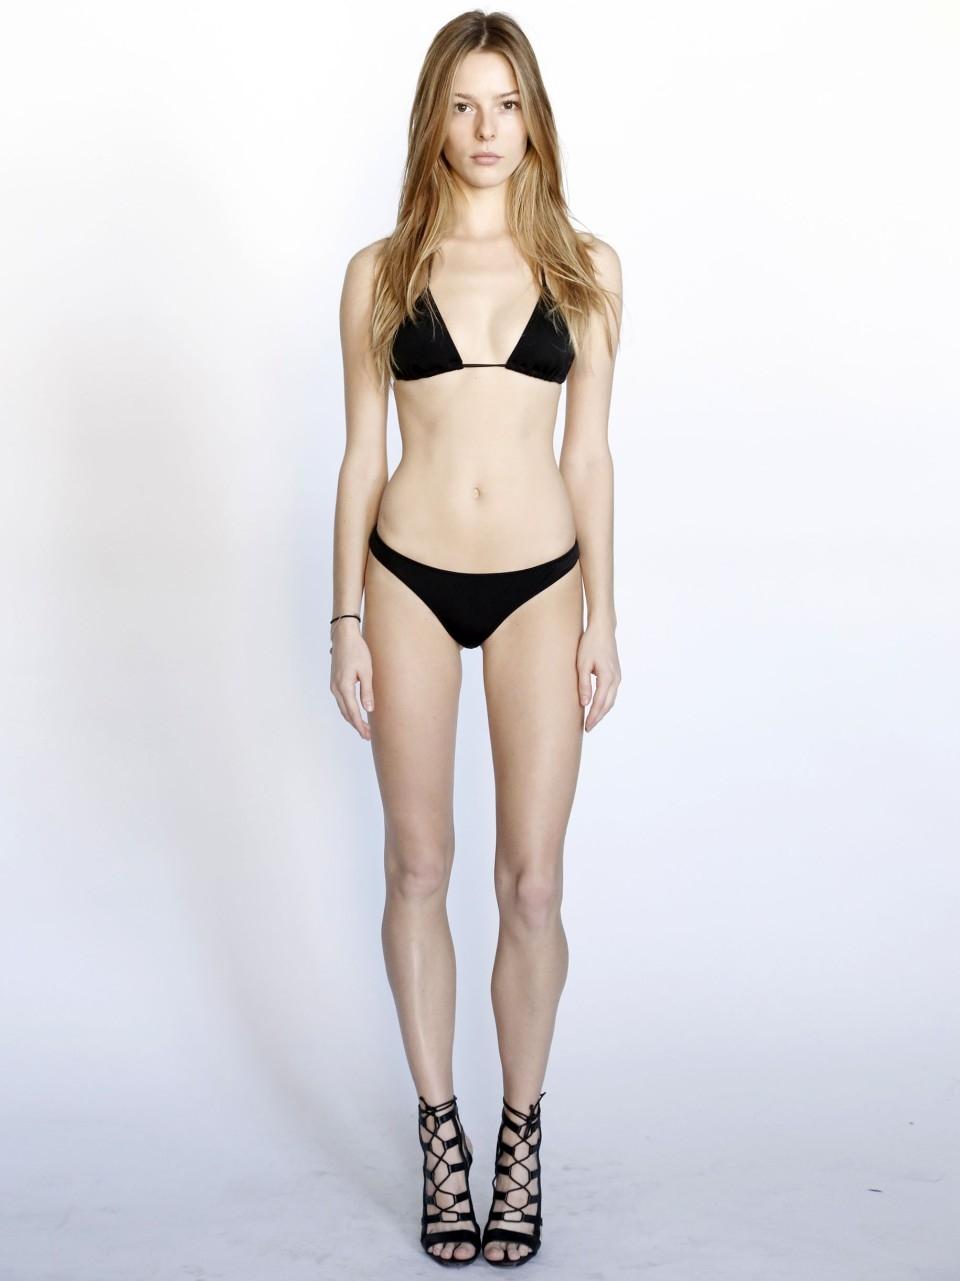 Alizee Coucke nudes (91 photo) Topless, iCloud, swimsuit